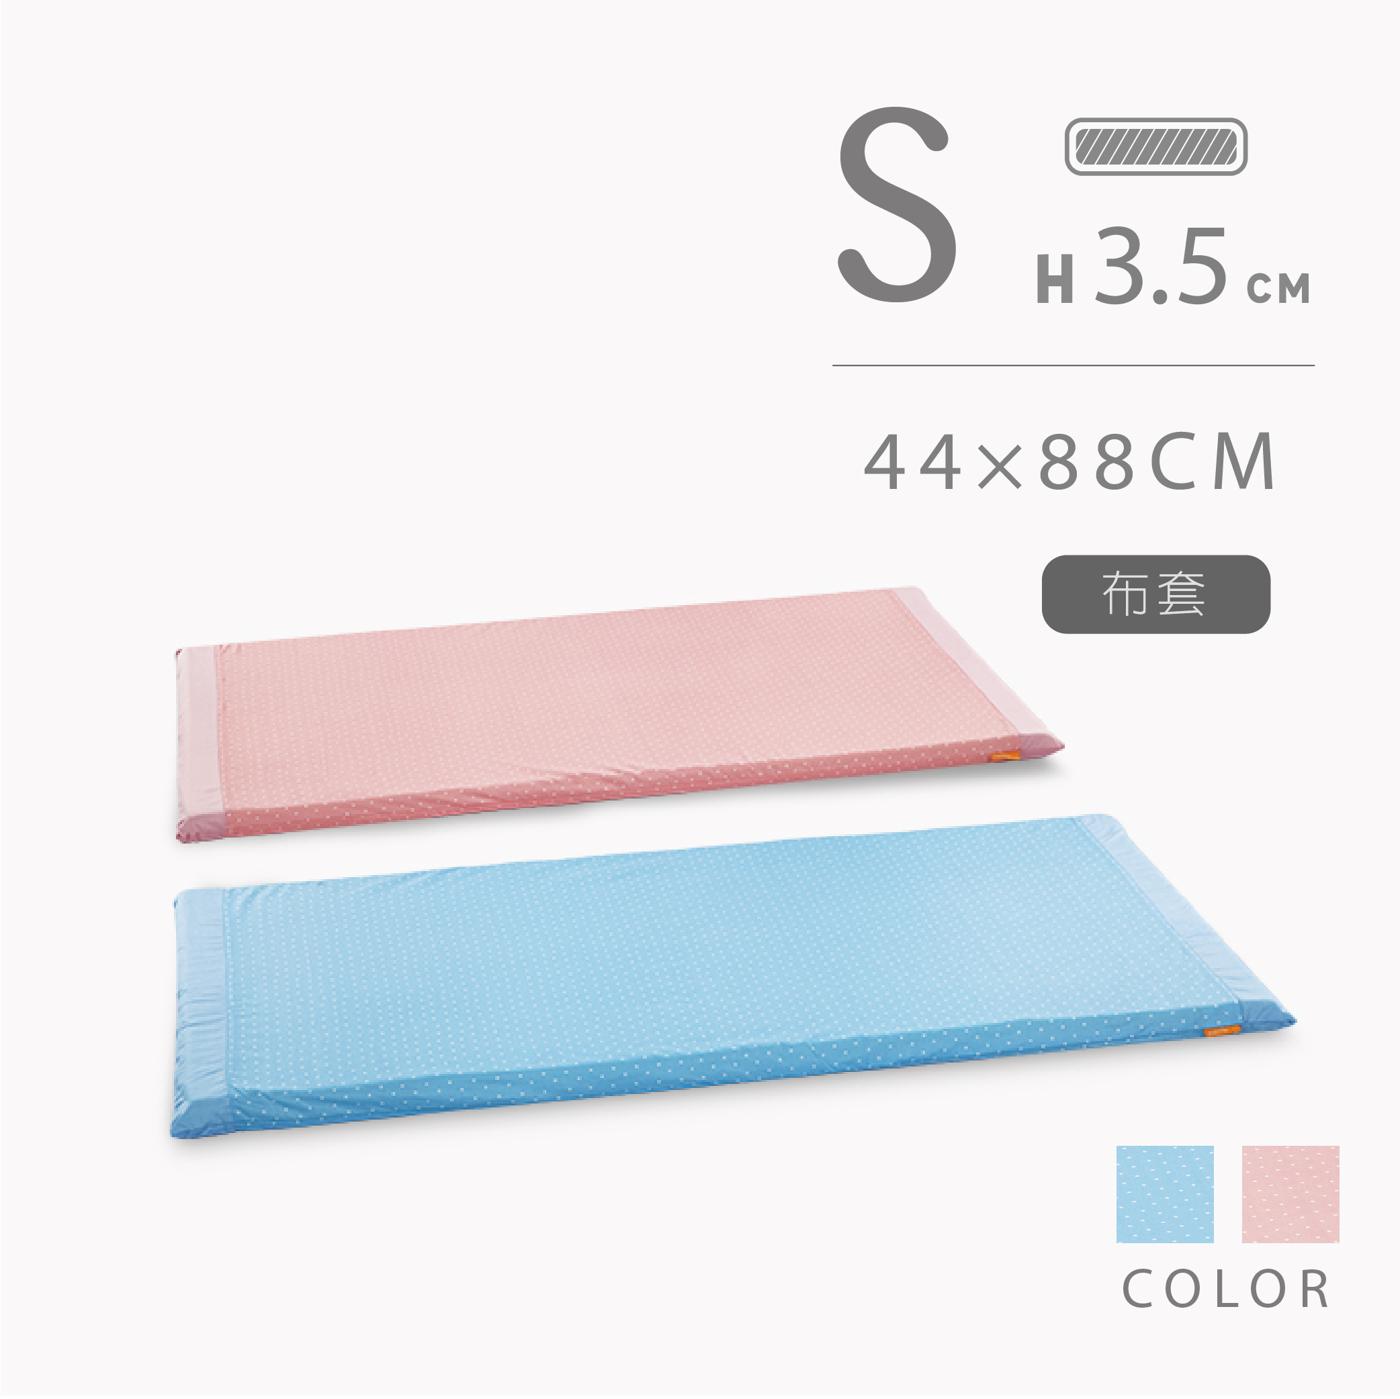 【媽咪小站】天然乳膠系列布套.嬰兒乳膠床墊 .(不含床墊).44x88x3.5CM (S)